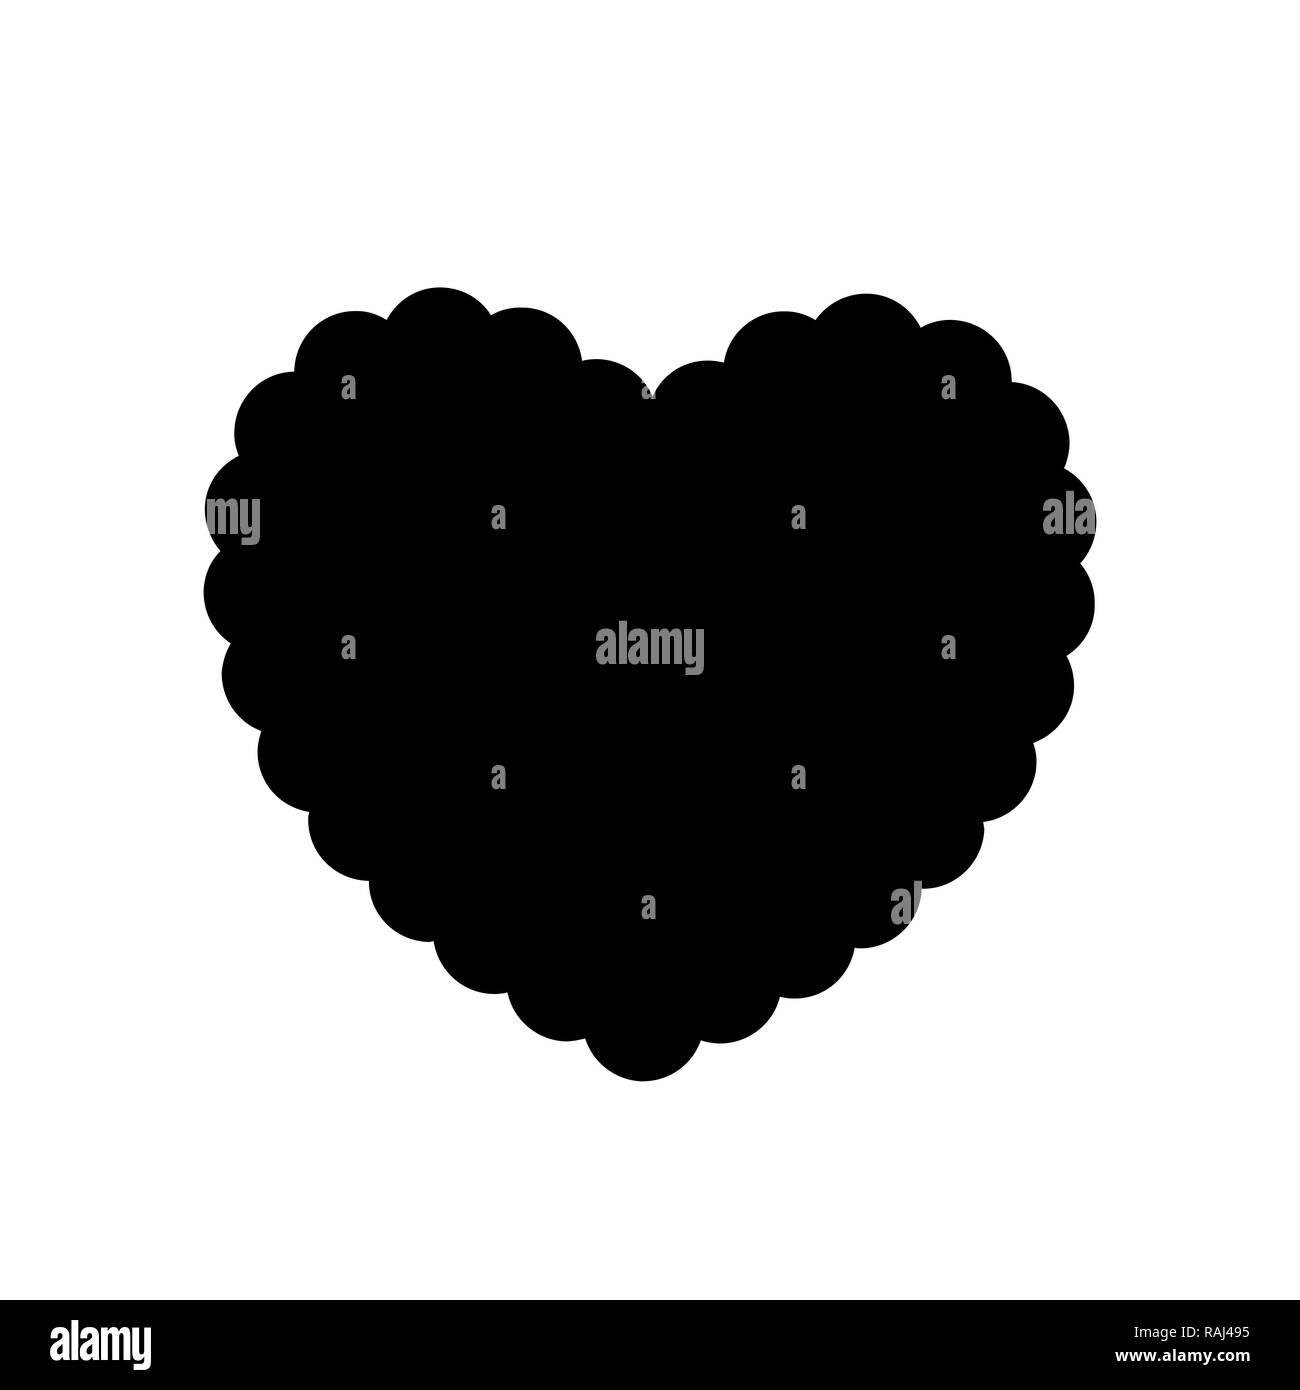 Silueta negra ondulante de corazón aislado sobre fondo blanco. Ilustración monocromo, el símbolo, el signo, el icono, el arte de clip. Imagen De Stock